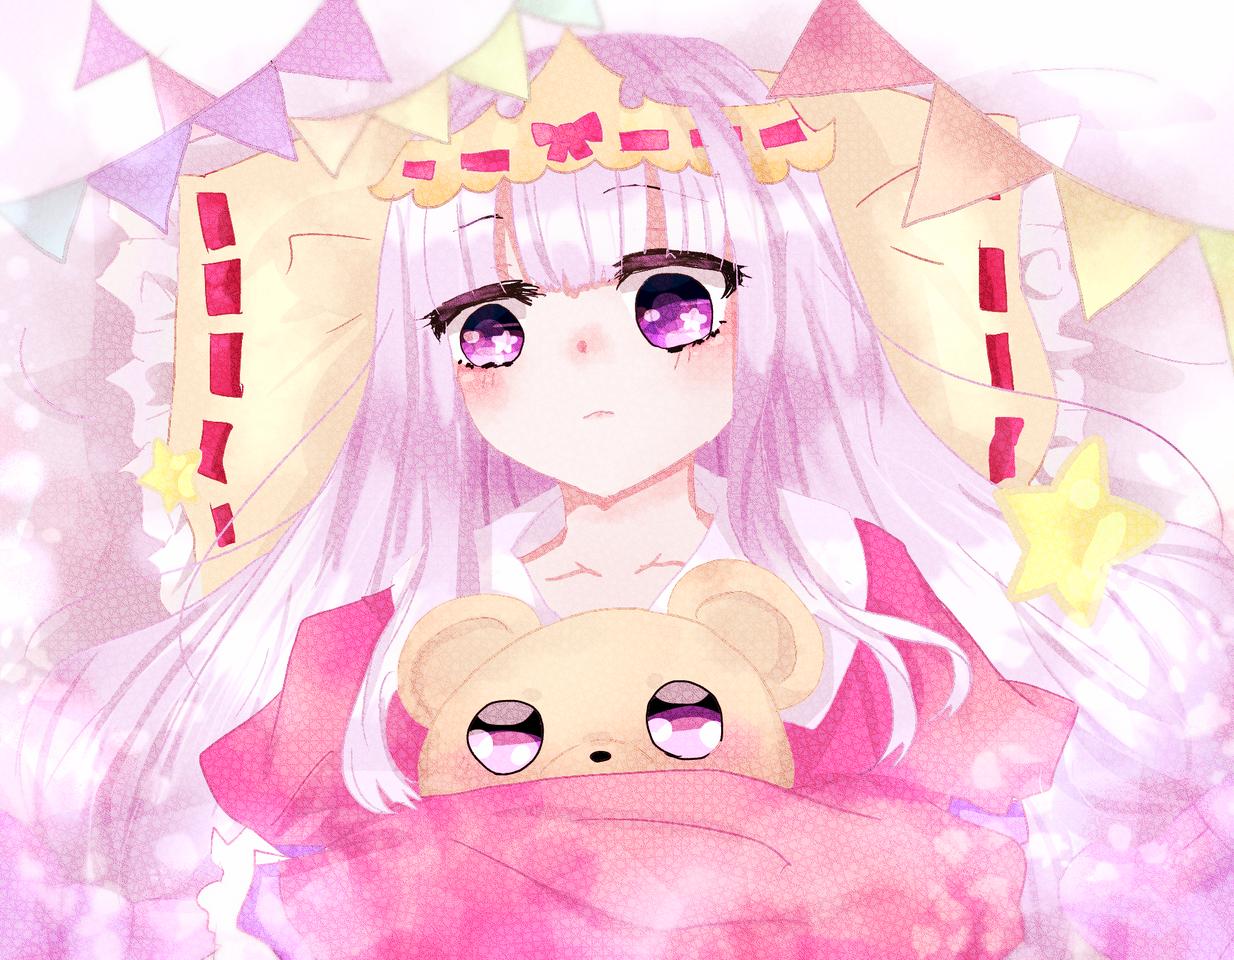 スヤリス姫💤💤 Illust of Kaede0118* Whereabouts art* 魔王城でおやすみ girl スヤリス姫 ゆめかわいい でびあくま